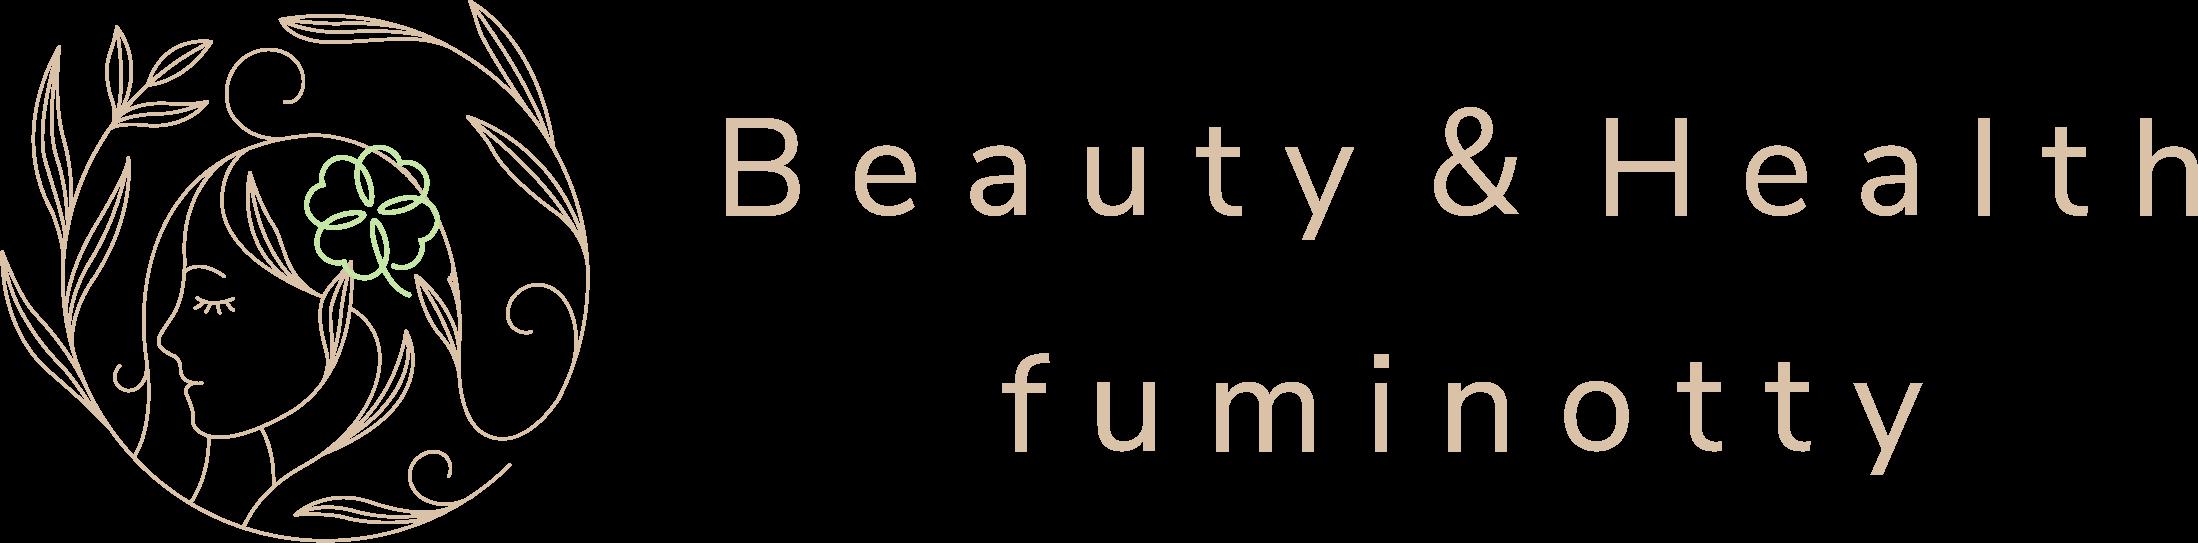 京都市のスキンケアレッスン、お肌のホームケアのことならBeauty&Health fuminotty